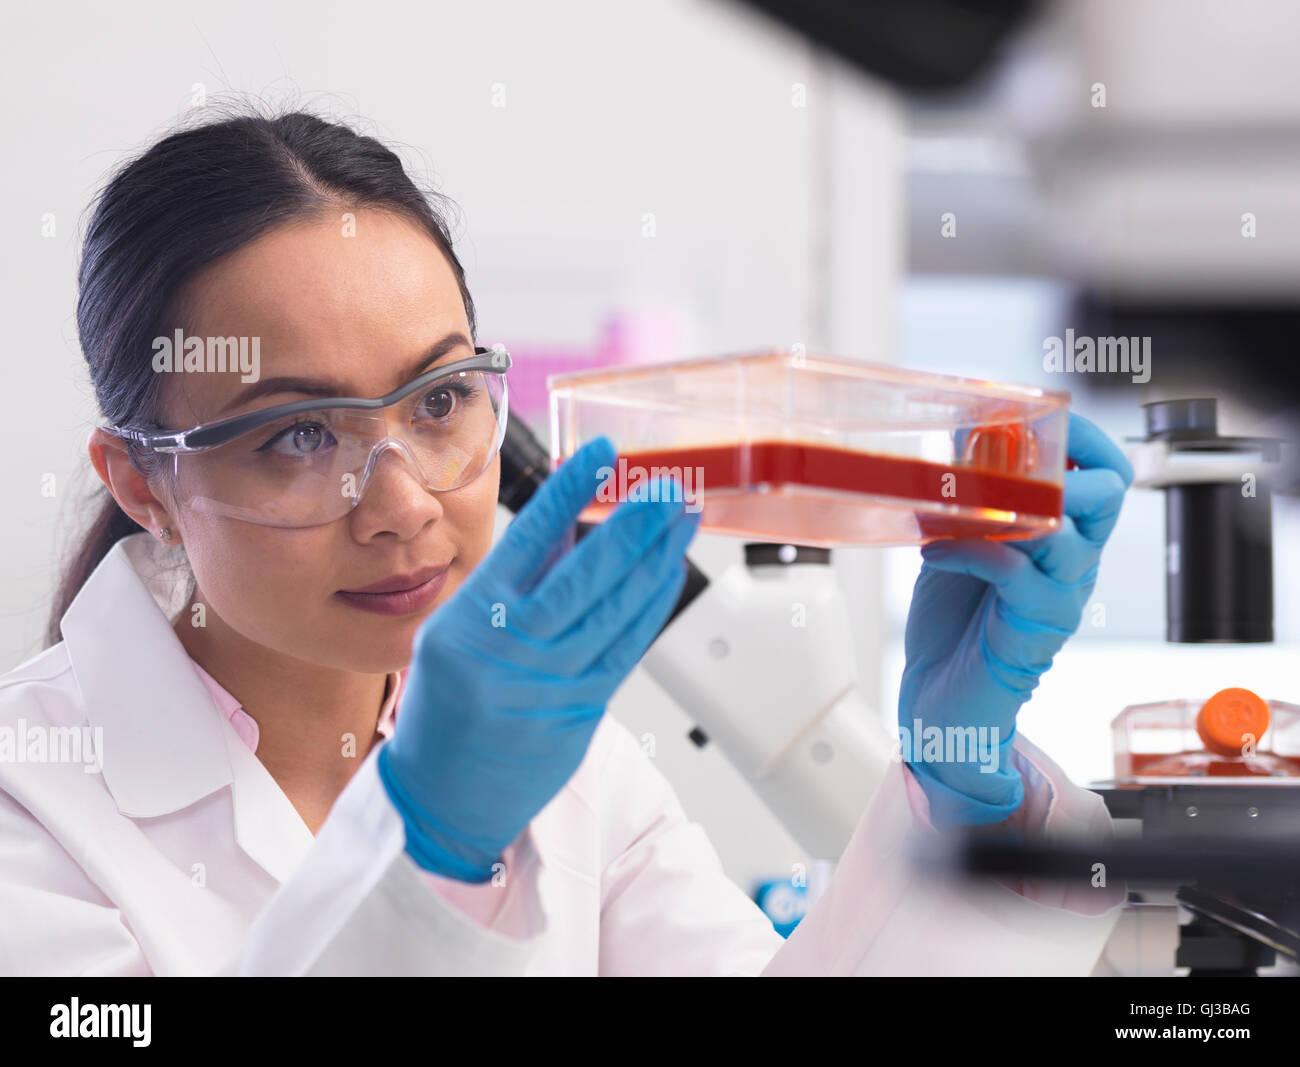 Investigadora examina los cultivos celulares crecen en un frasco de cultivo en el laboratorio. Imagen De Stock